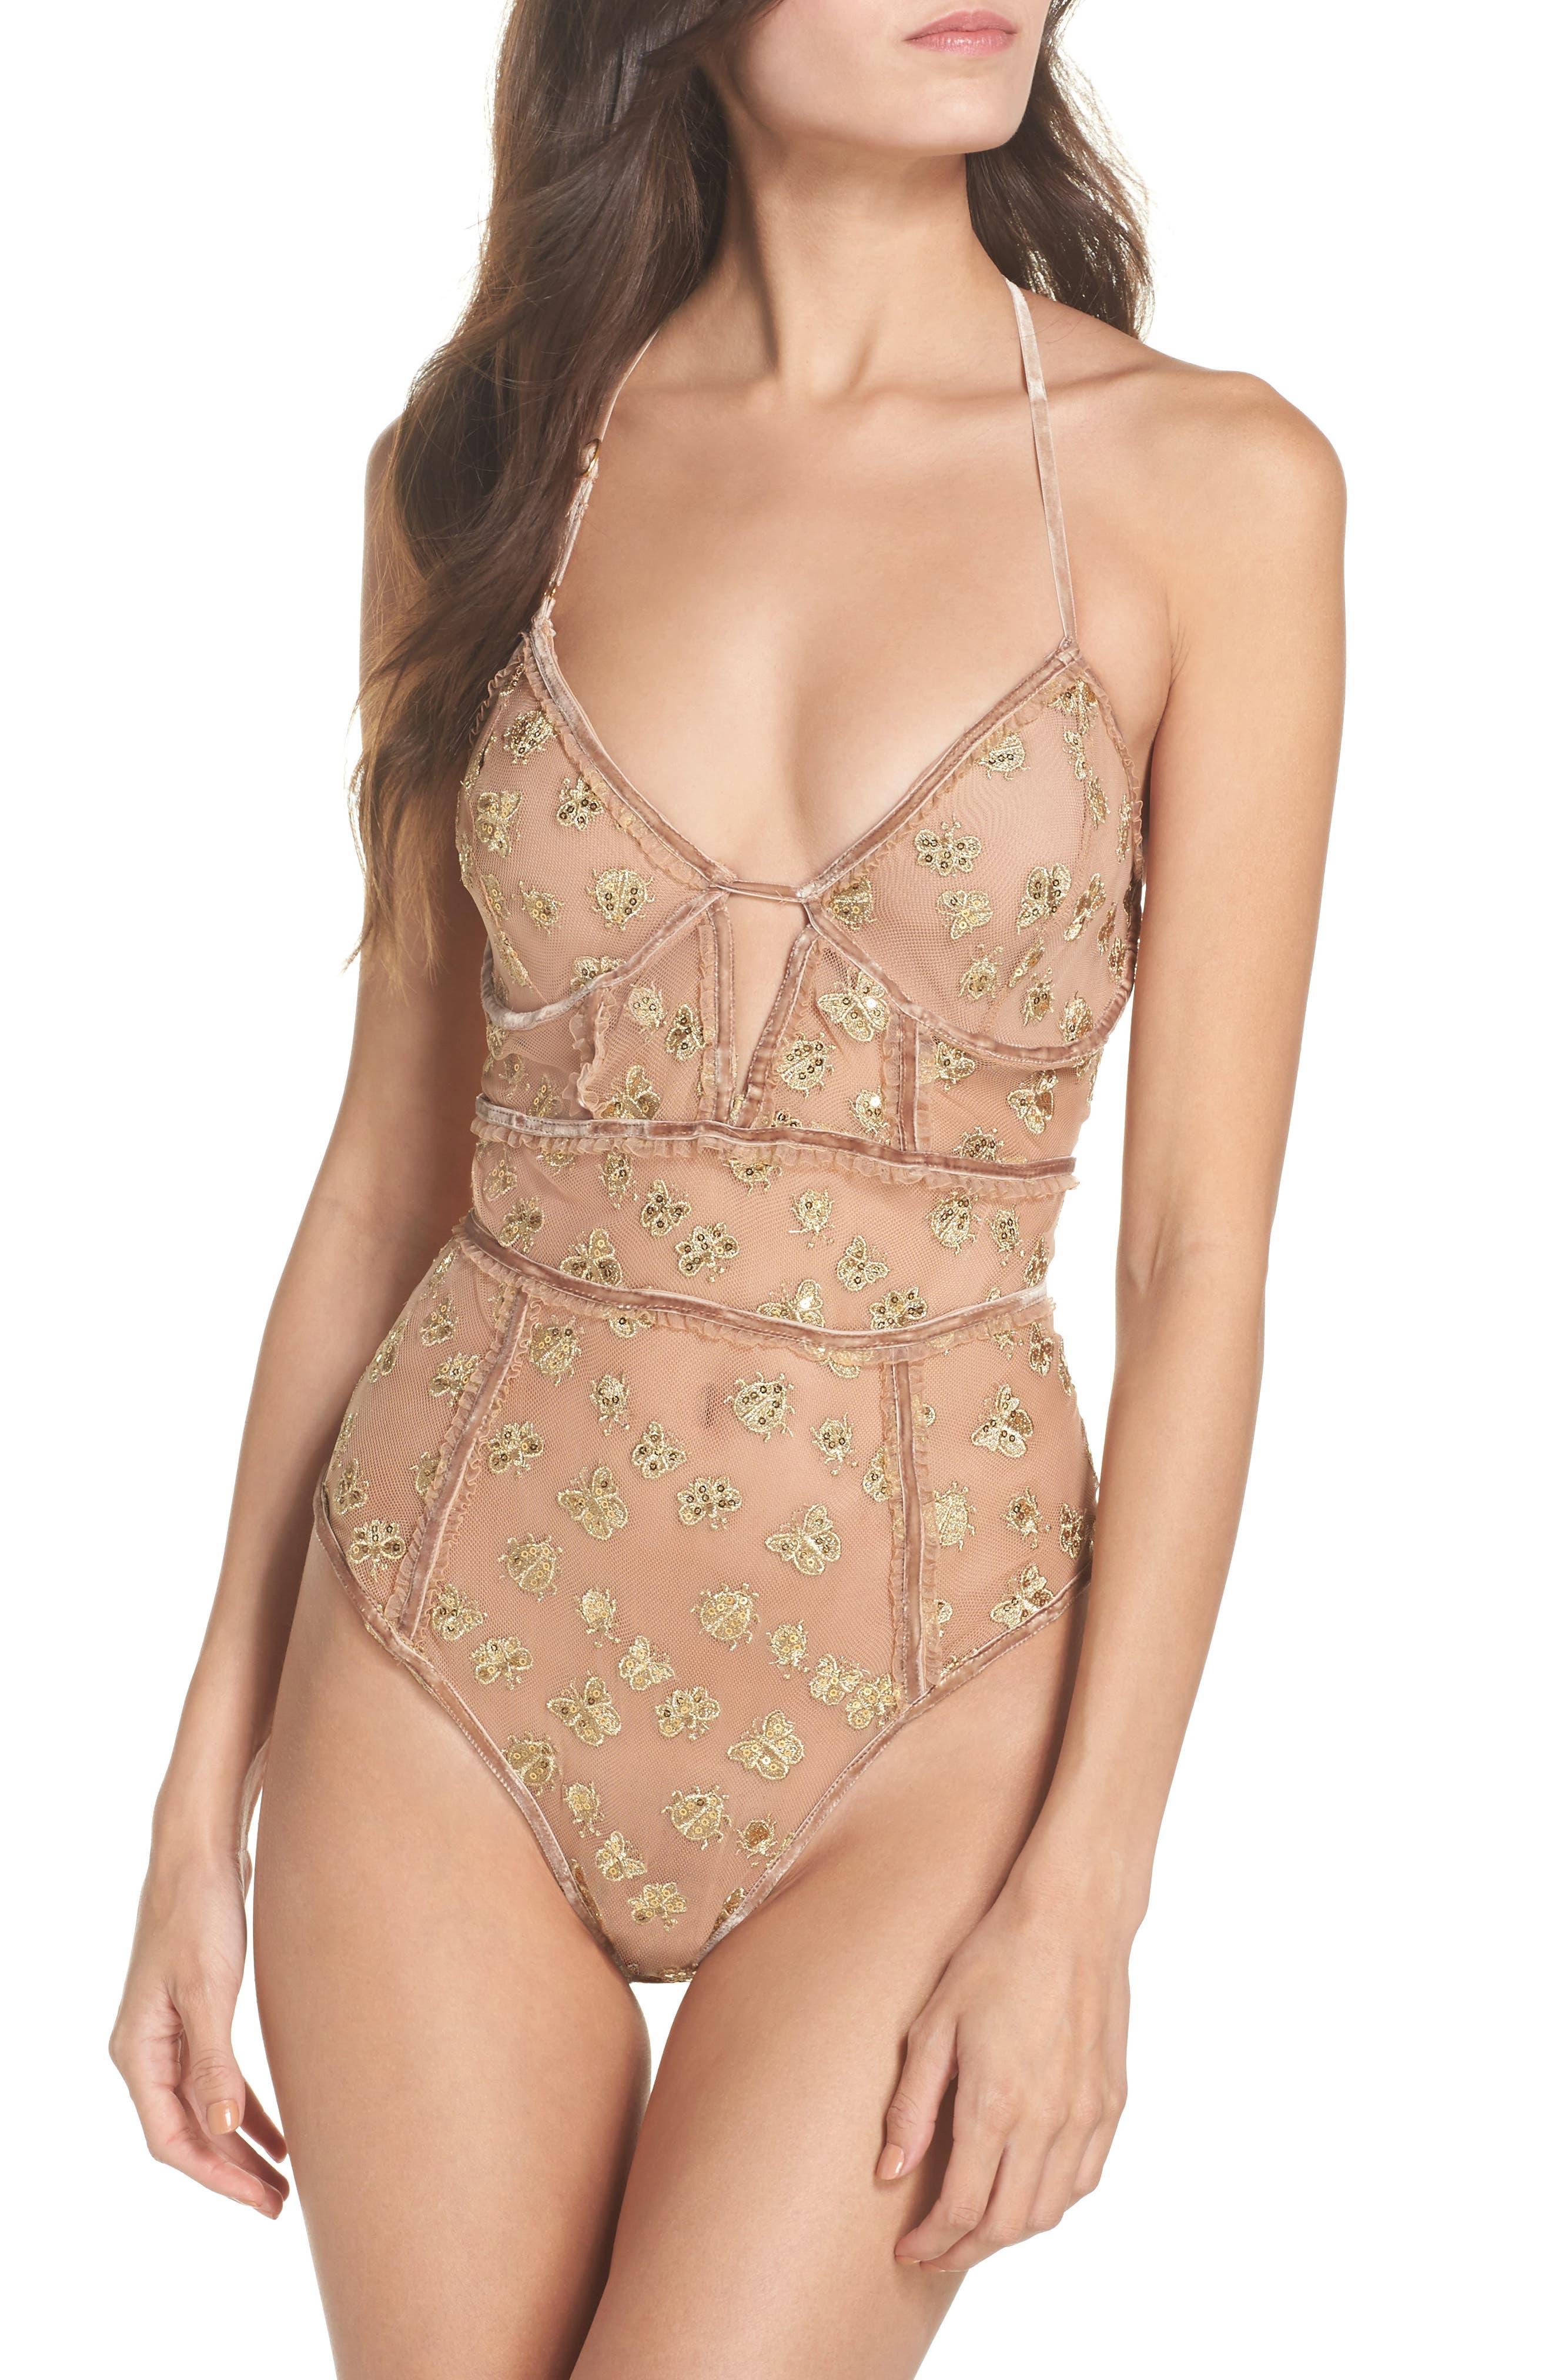 Main Image - For Love & Lemons Golden Garden Embroidered Bodysuit